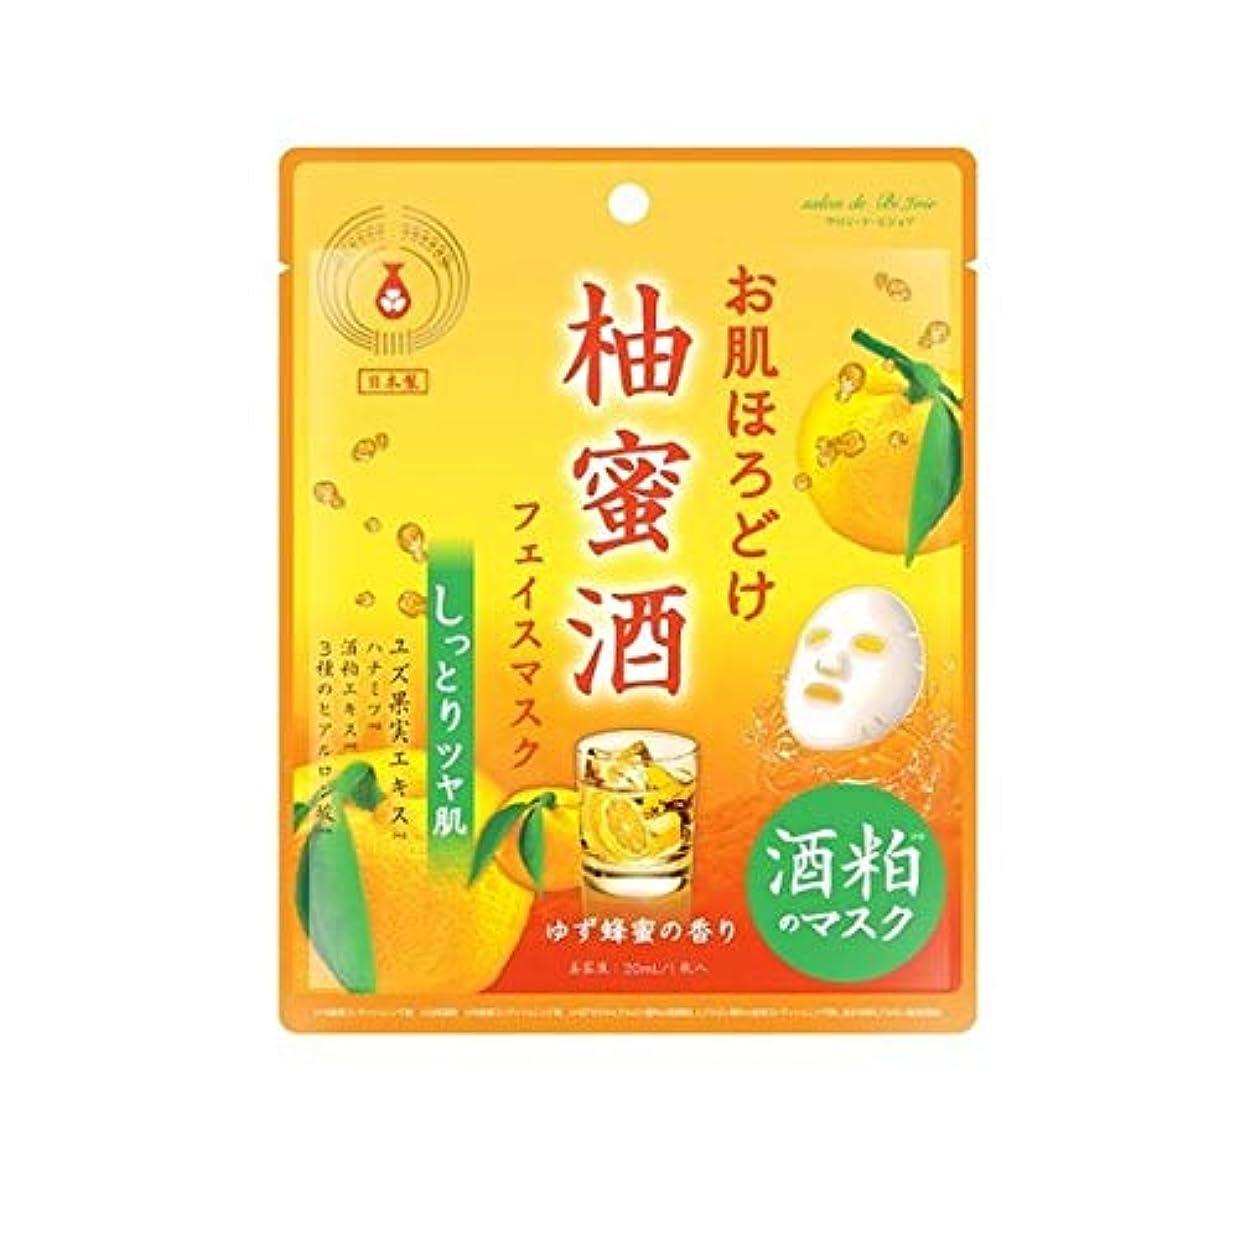 タップ供給電球BJお肌ほろどけフェイスマスク 柚蜜酒 HDM202 日本製 ゆず蜂蜜の香り 美容 ビューティー グッズ フェイス パック マスク しっとり ツヤ 肌 素肌 美人 保湿